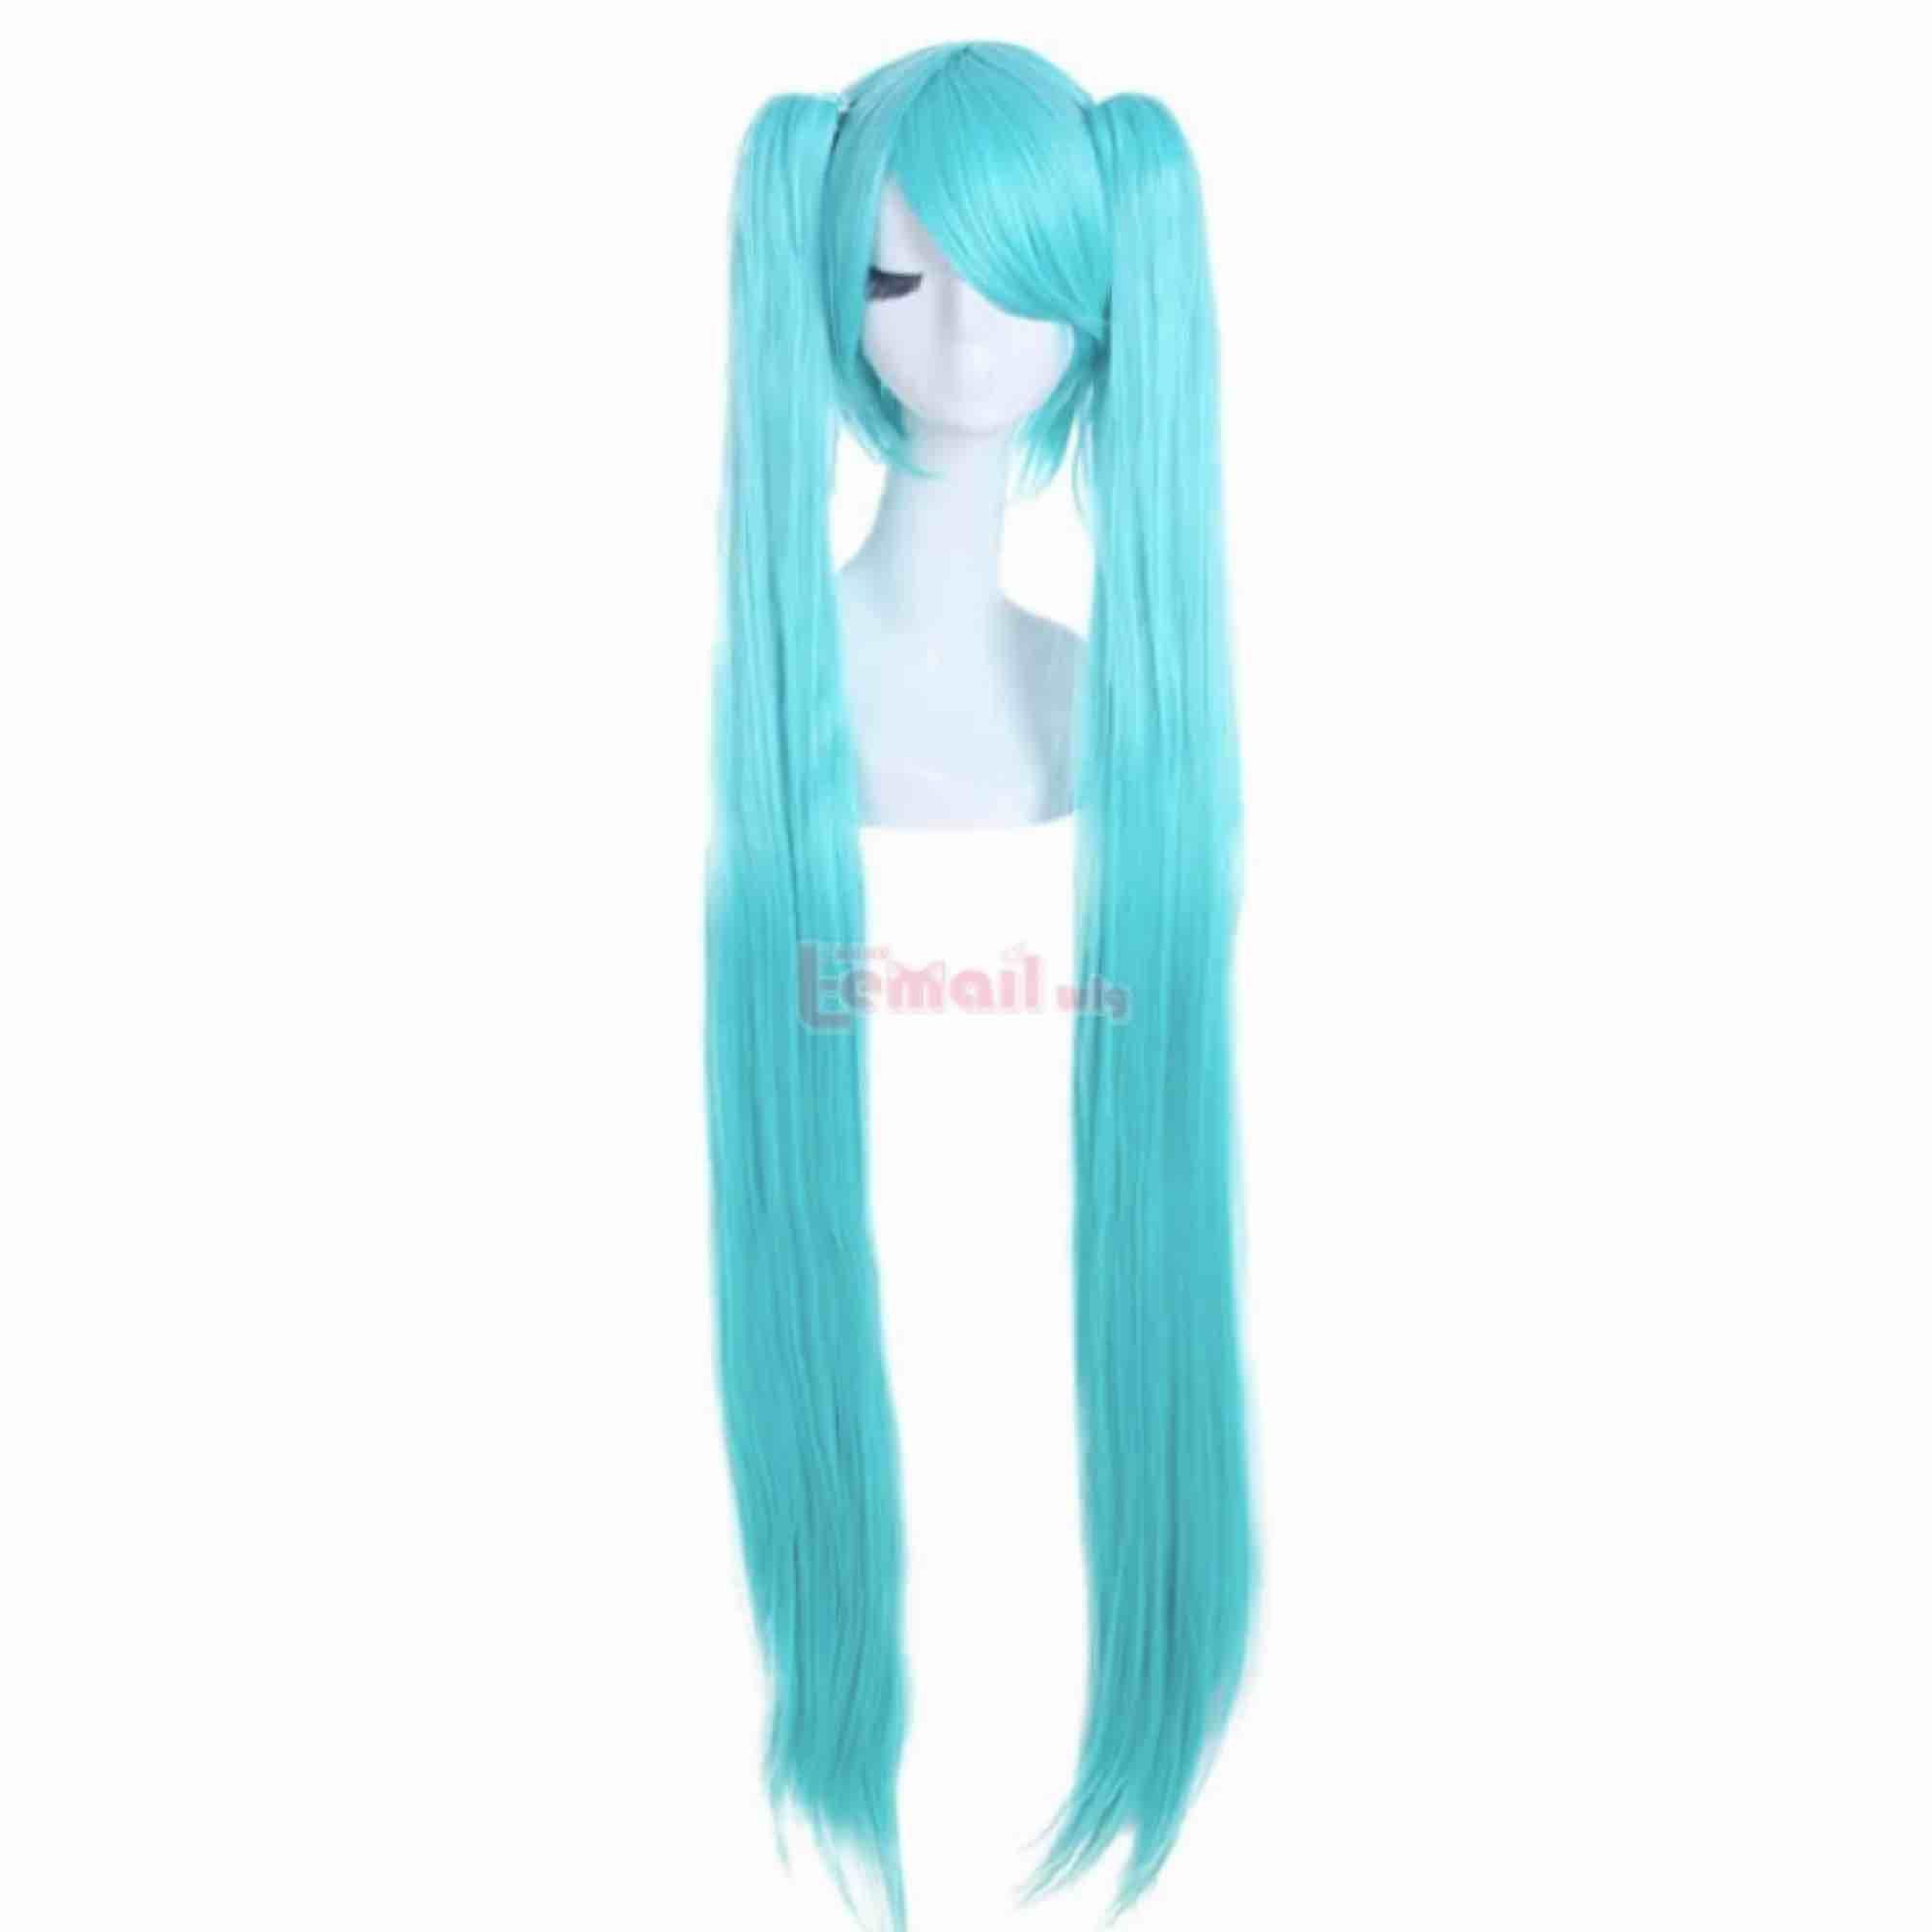 Blå hatsune miku peruk för halloween eller cosplay Kort peruk med två långa tofsar. Hatsune miku wig Bra skick Ställ följer med om så önskas. Accessoarer.